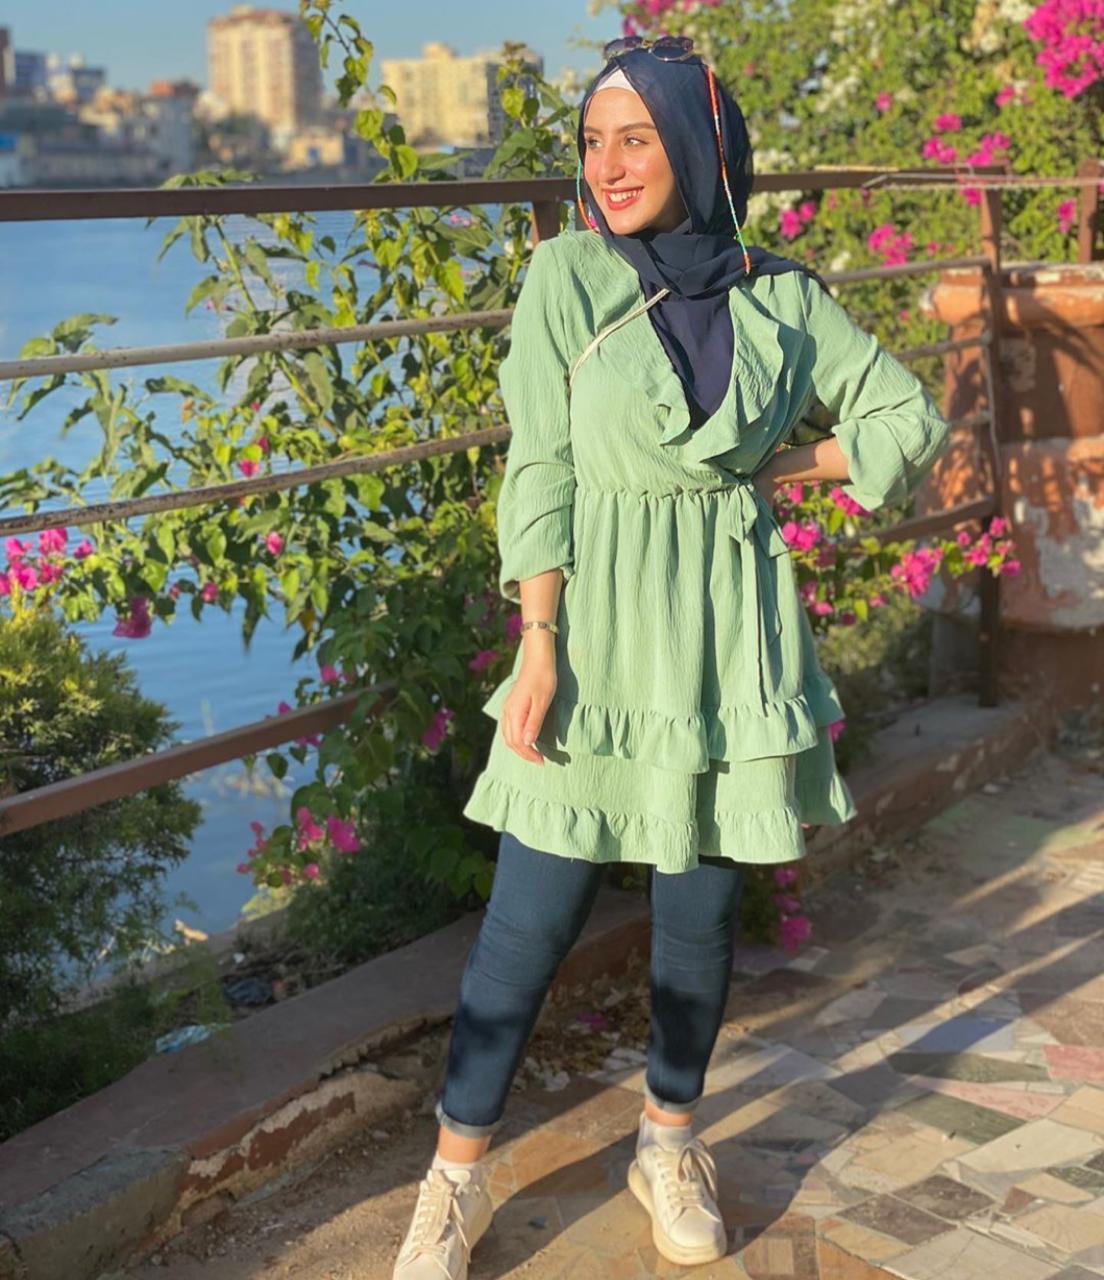 إطلالات كاجوال خضراء مع الحجاب الأسود من روان عمرو